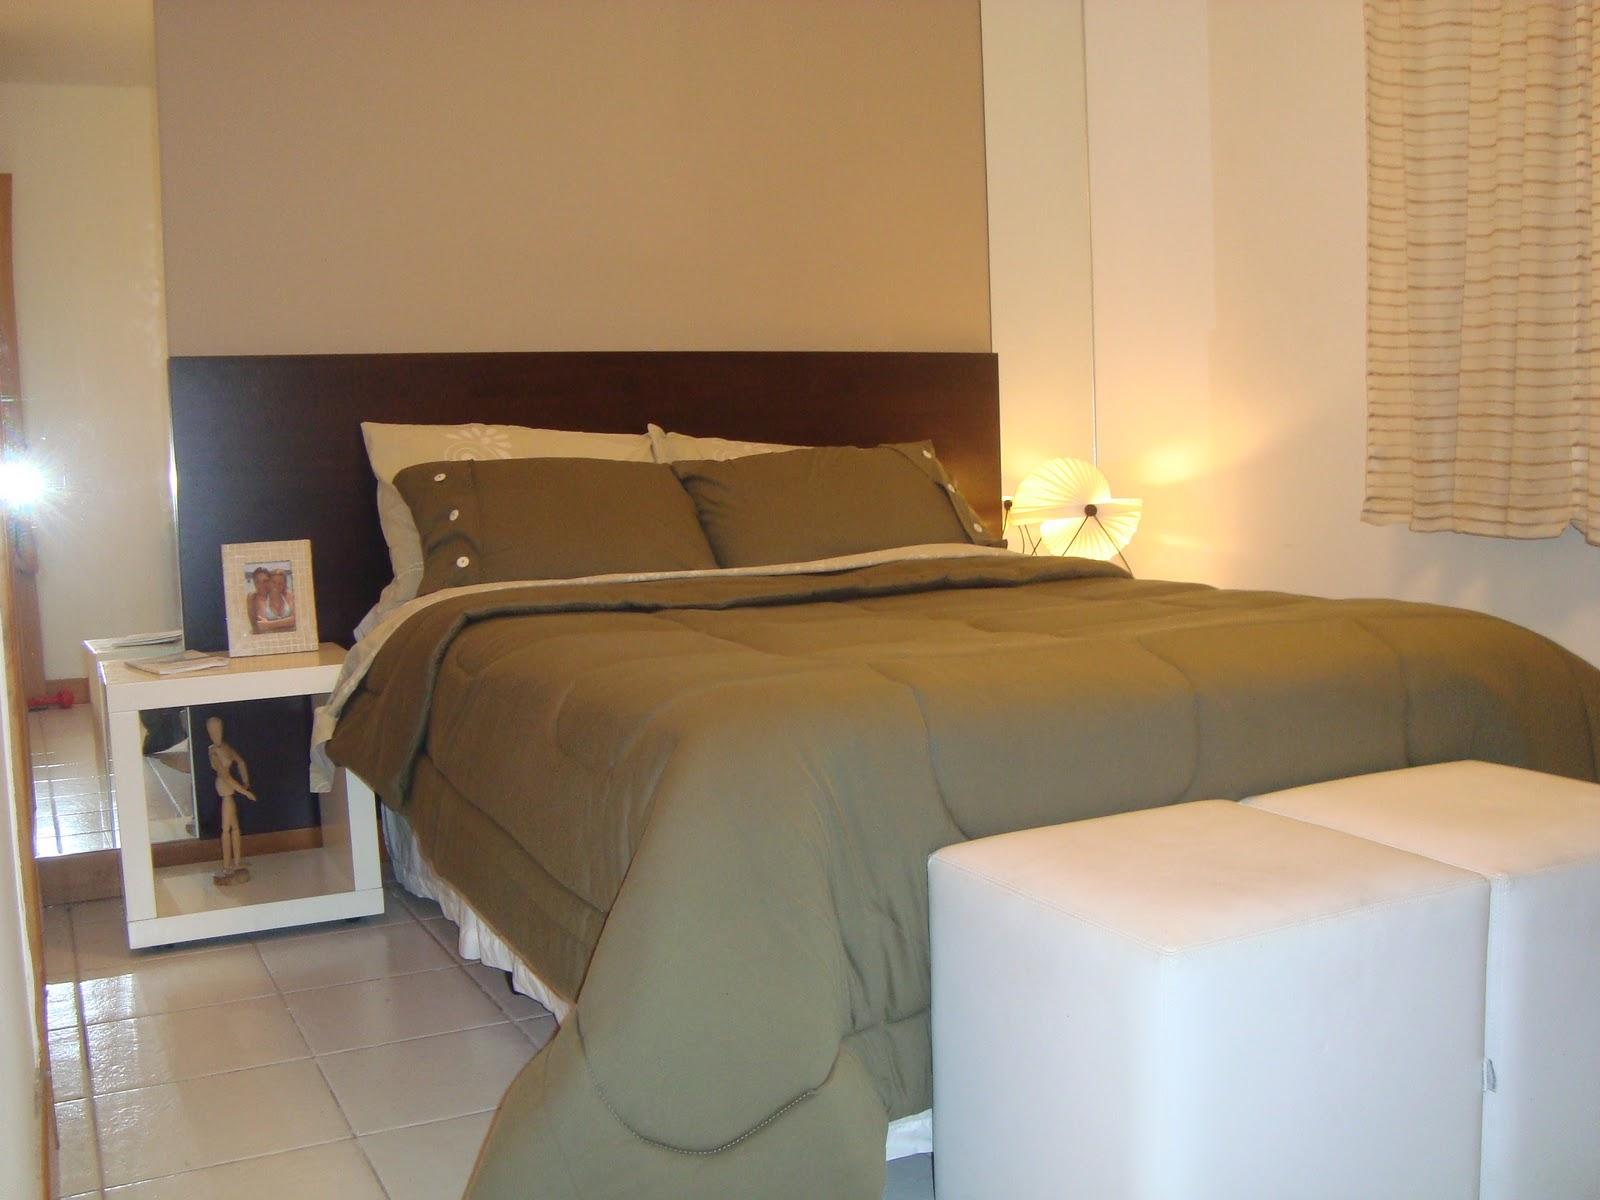 #996B32  : Apartamento Barra da Tijuca Sala de Jantar com Cozinha Americana 1600x1200 px Projeto De Cozinha Americana Com Sala De Jantar_4507 Imagens